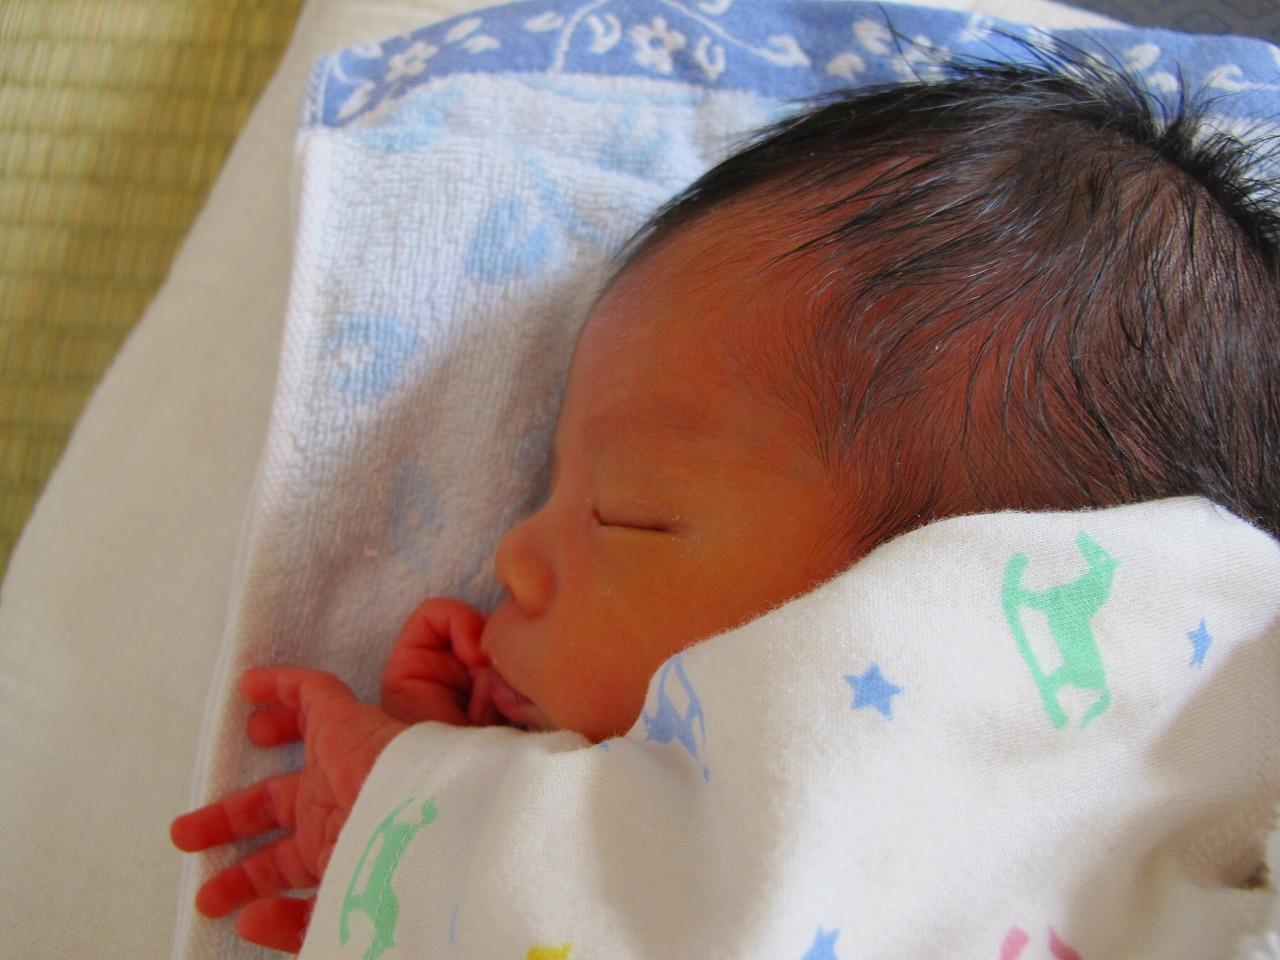 【年子妊娠】完全母乳で生理が再開した場合、母乳への影響は?